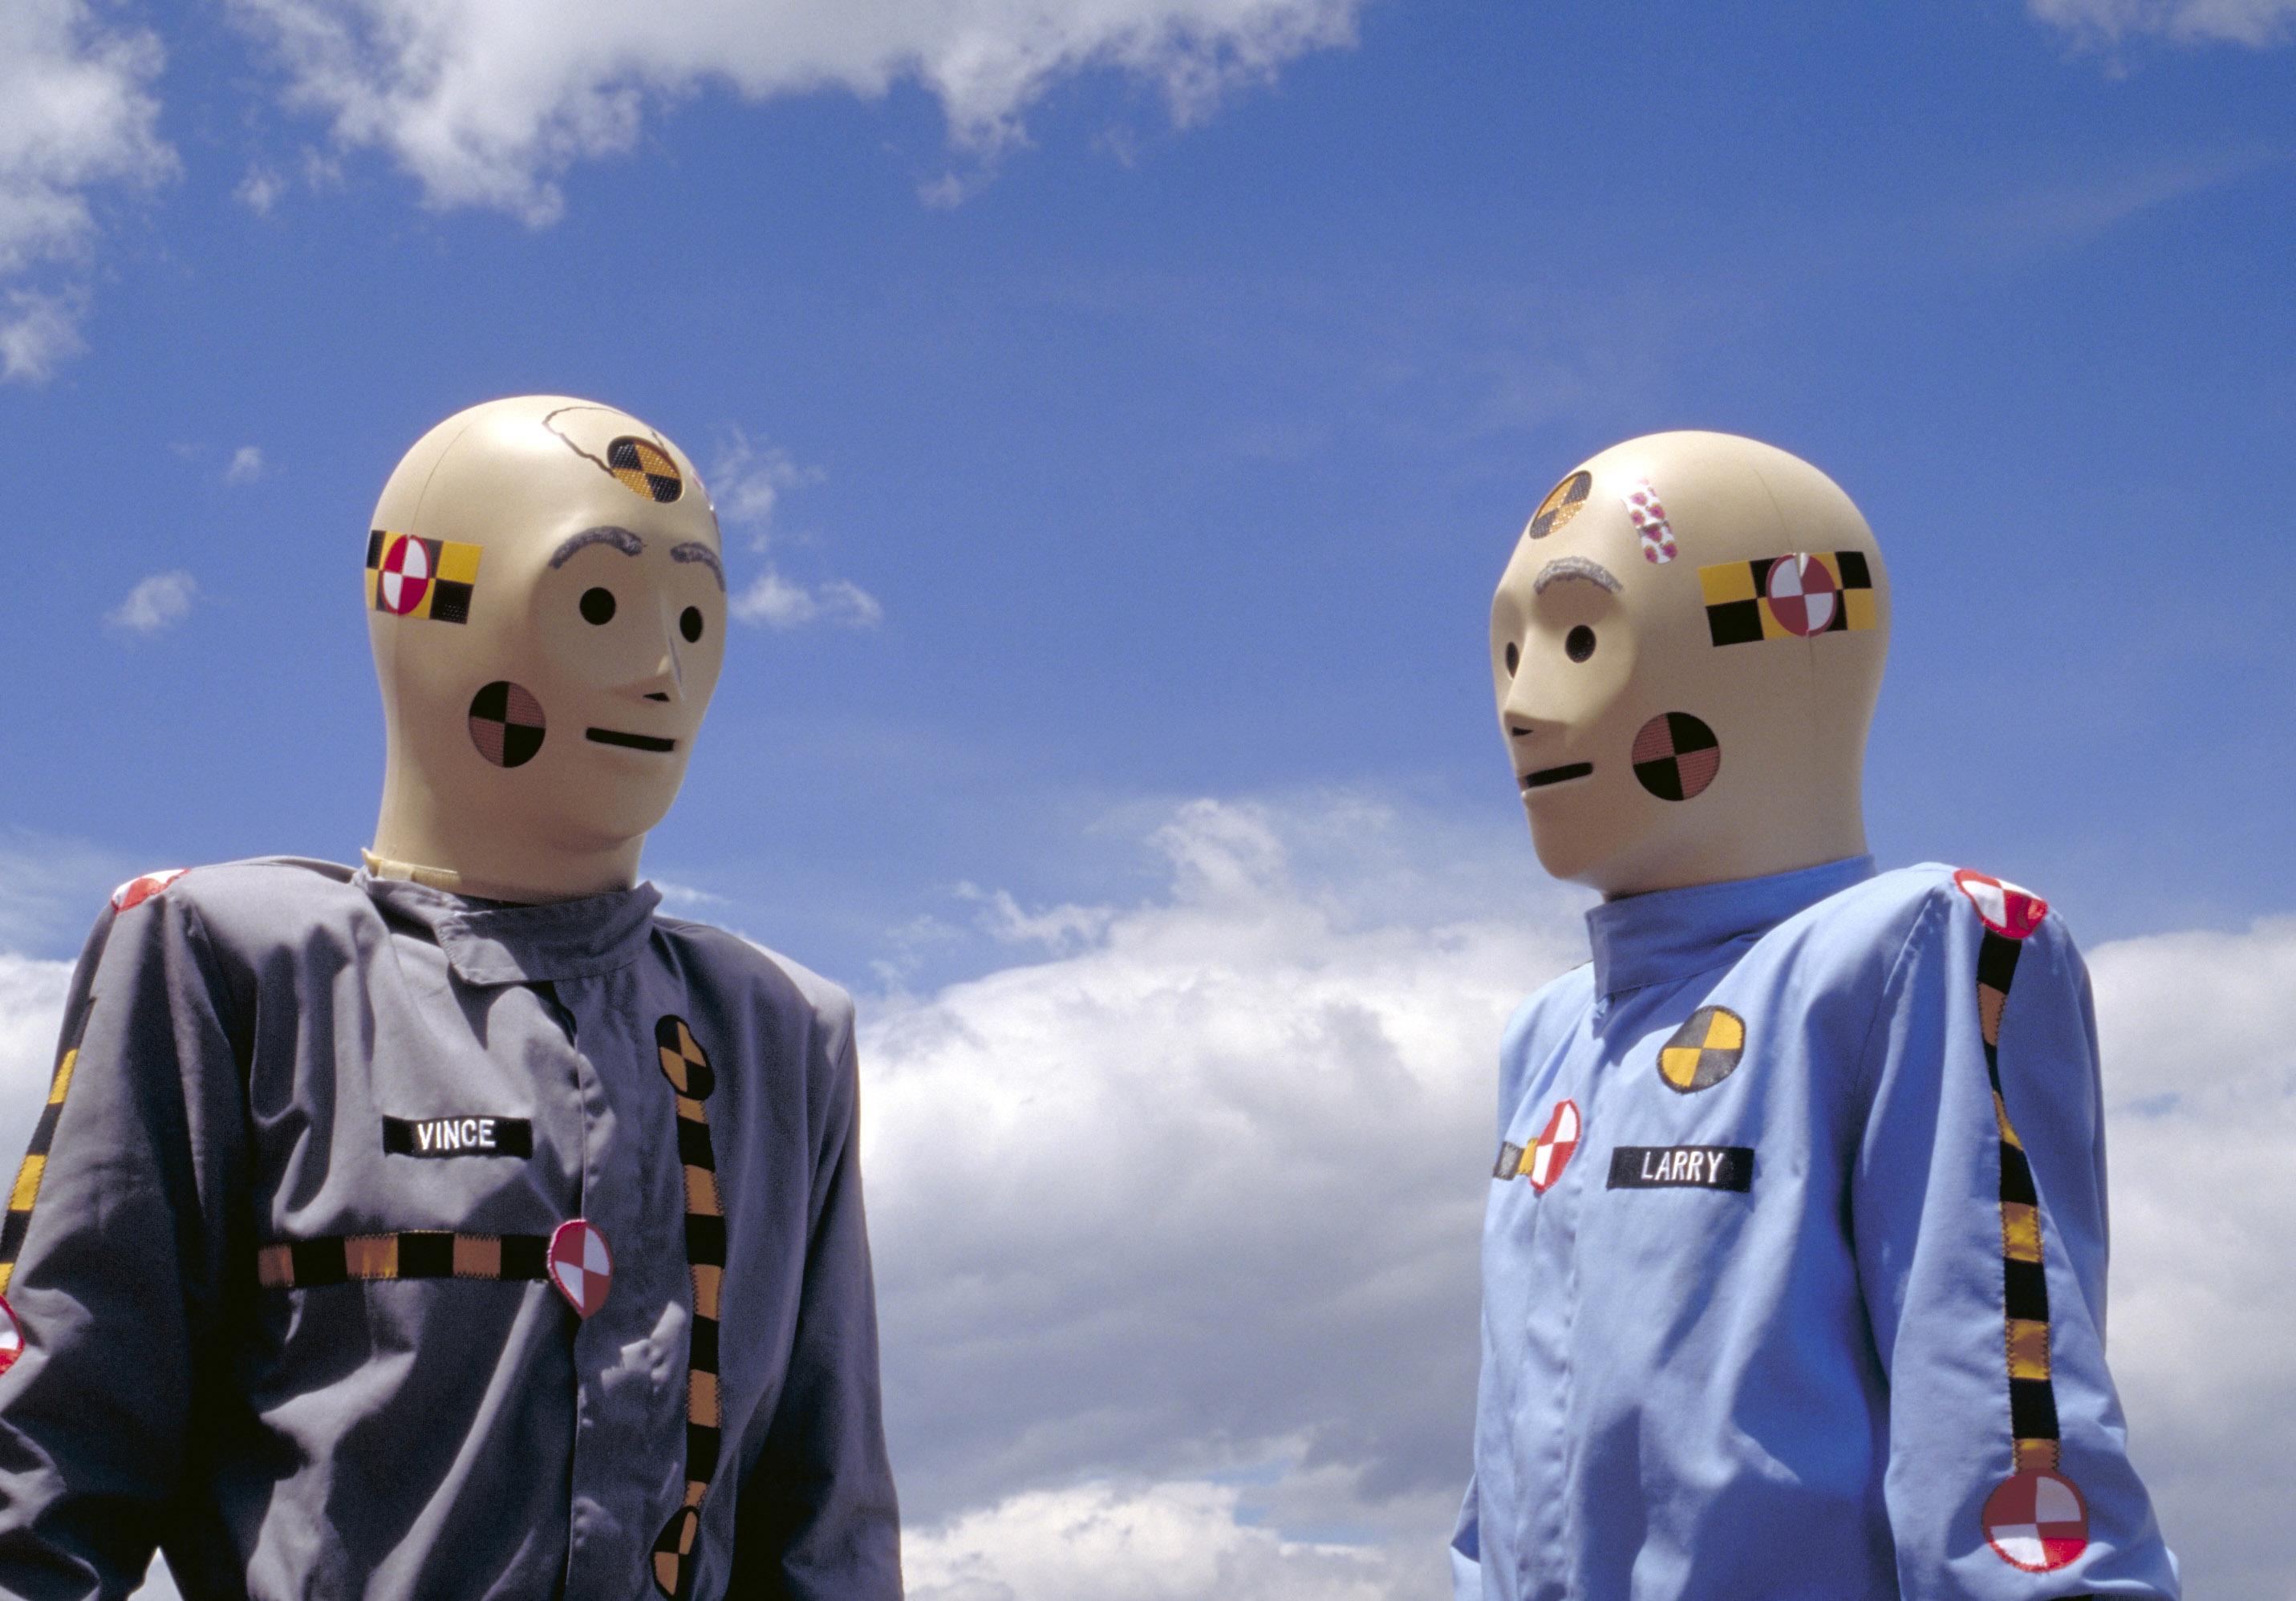 crash-test-dummies-vehicle-safety-rating